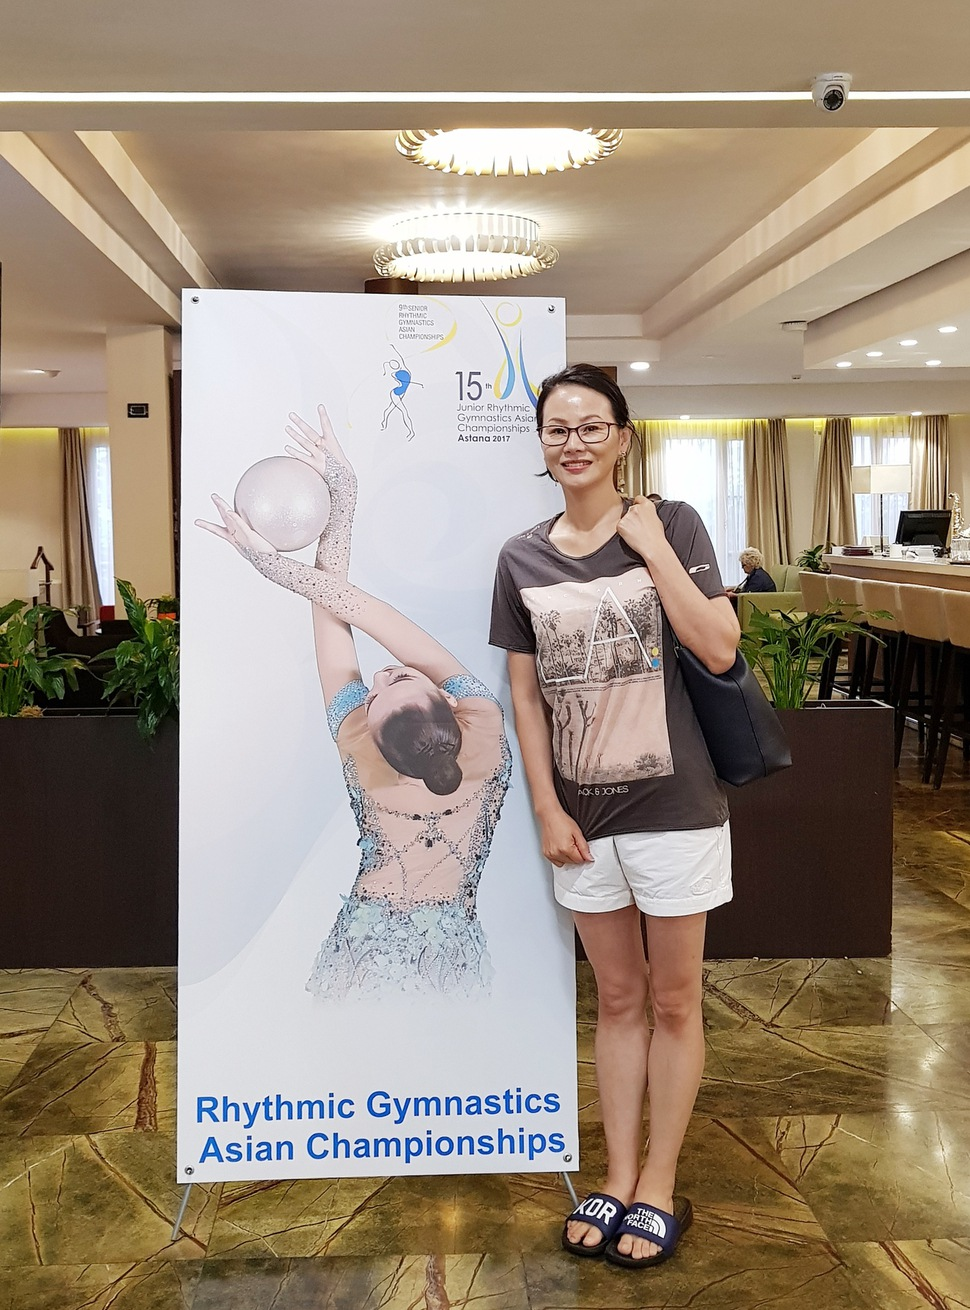 2017년 6월 카자흐스탄 아스타나에서 열린 리듬체조 아시아선수권대회에 참석한 이경희 리듬체조 국가대표 후보선수 전임지도자가 대회를 알리는 표지판 옆에서 포즈를 취하고 있다. 이경희씨 제공